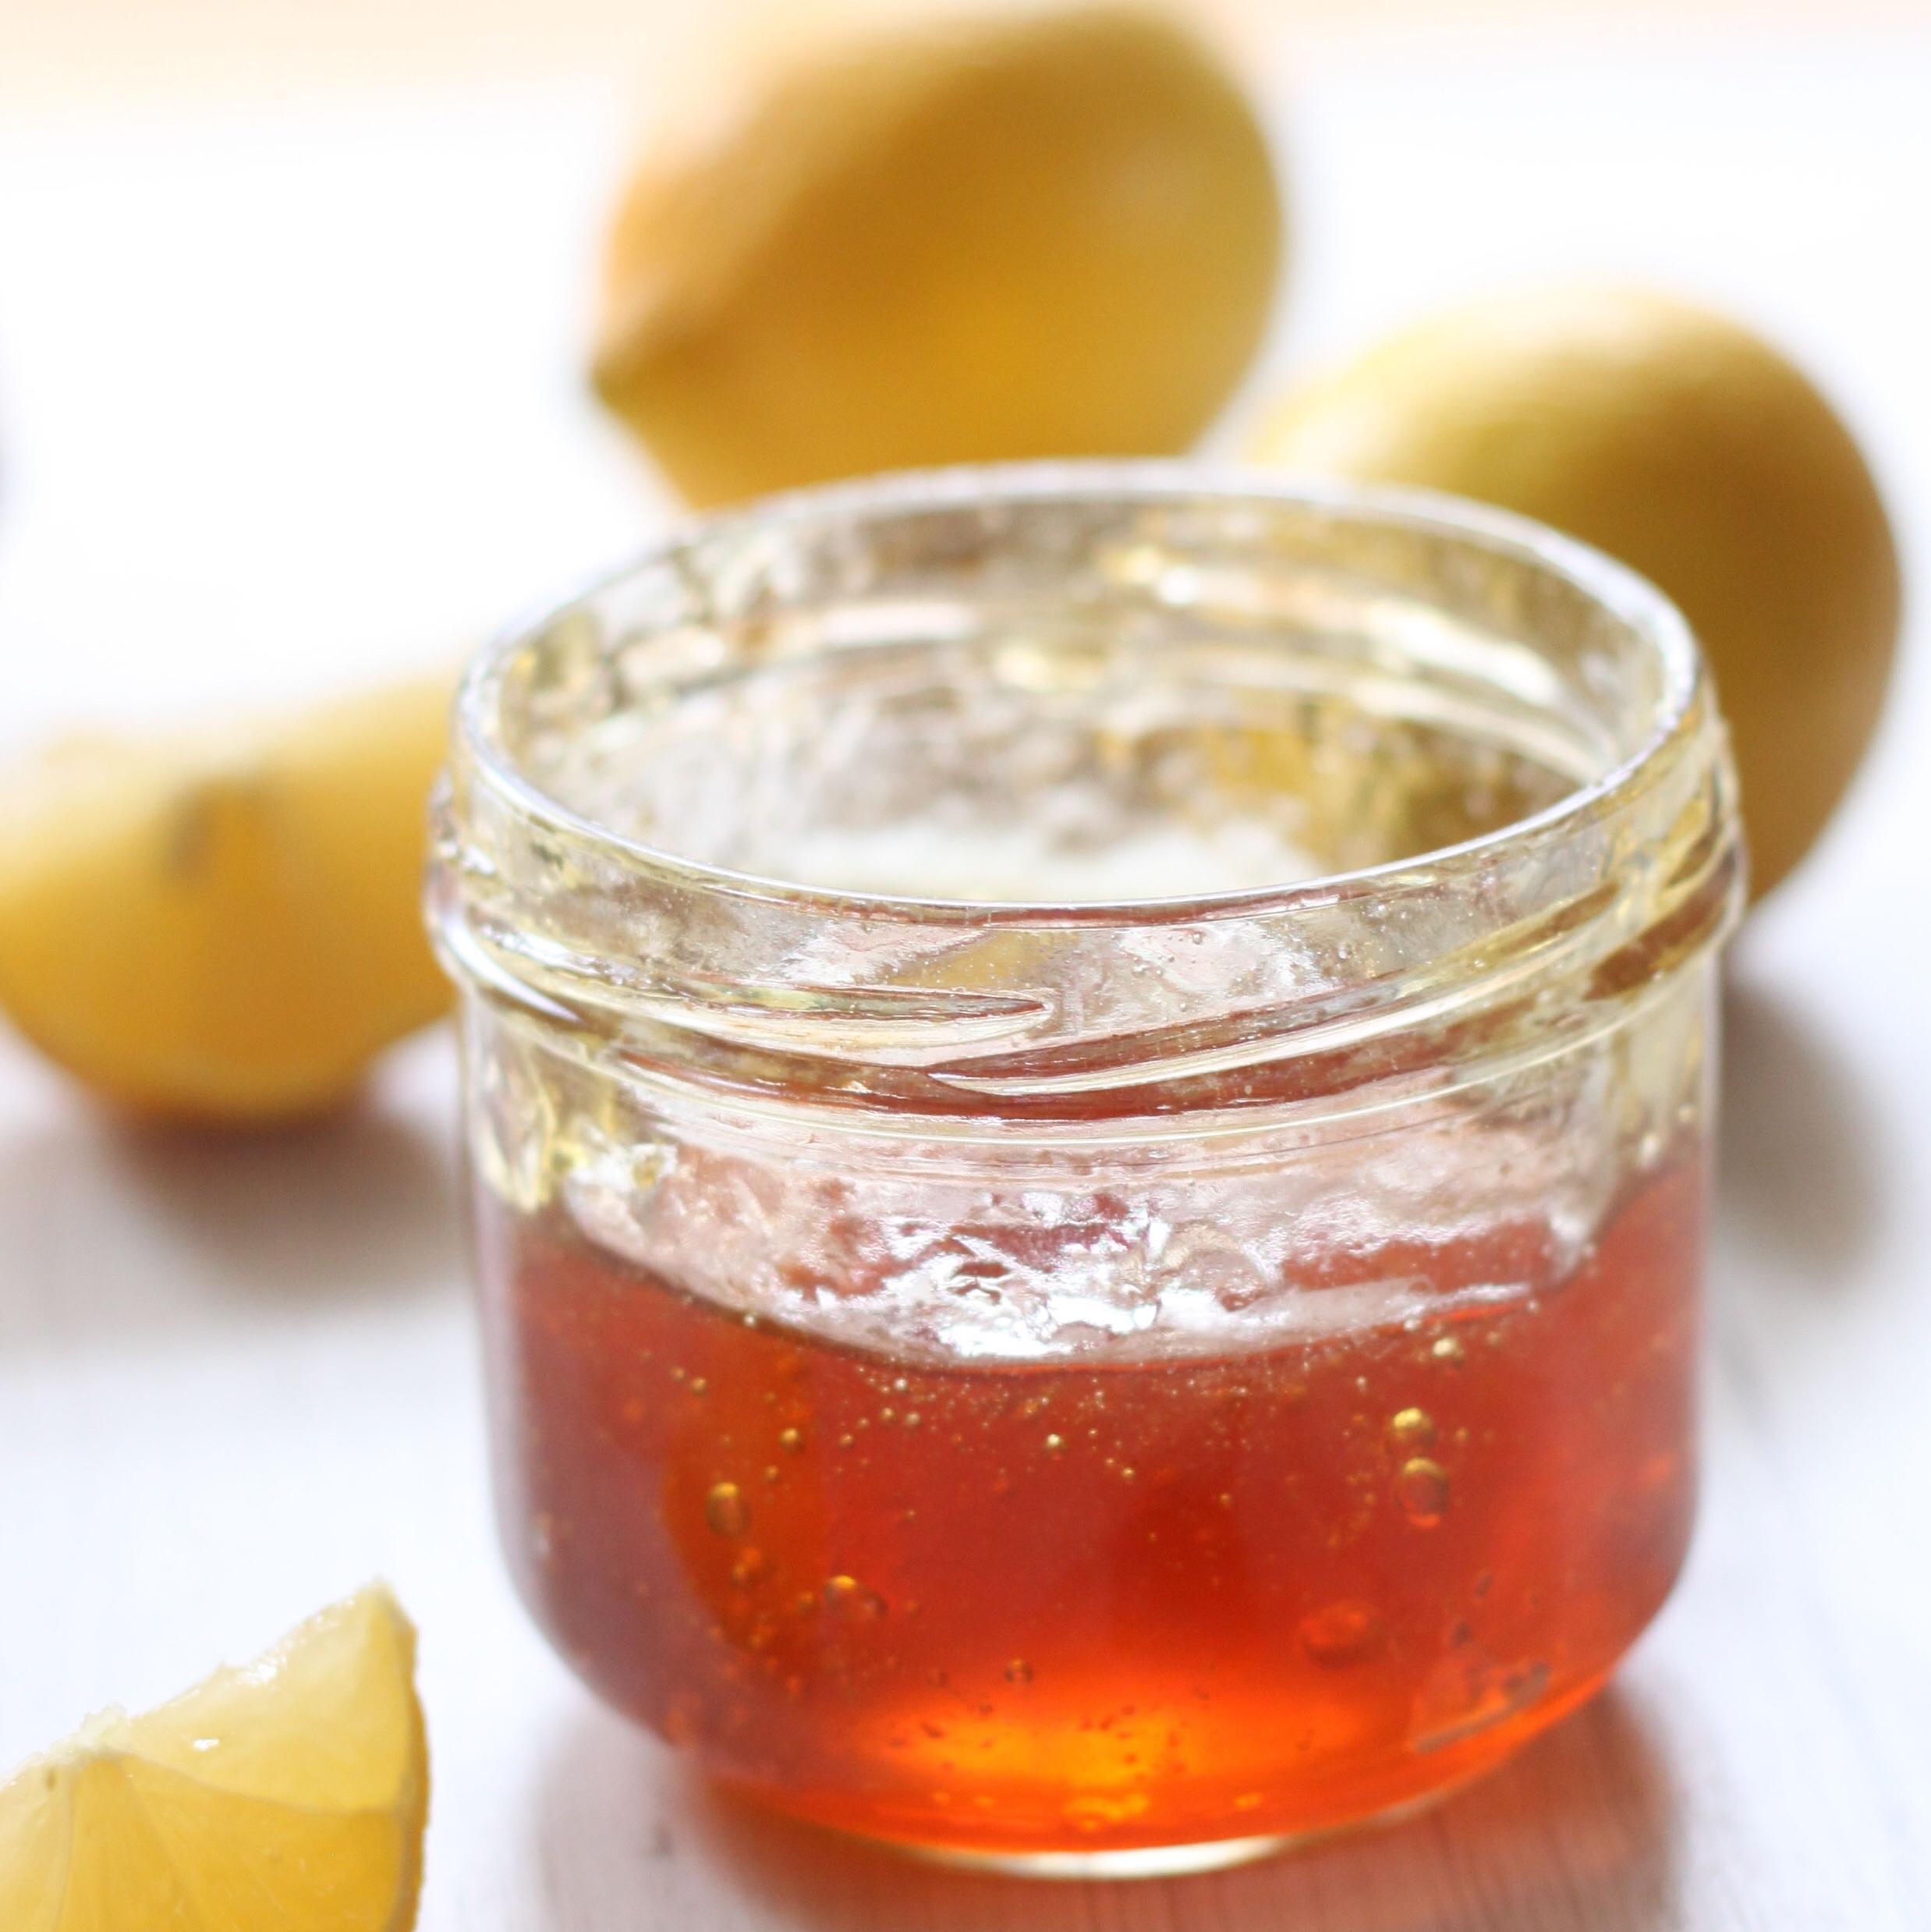 Confit de Citron, Recette de Conticini